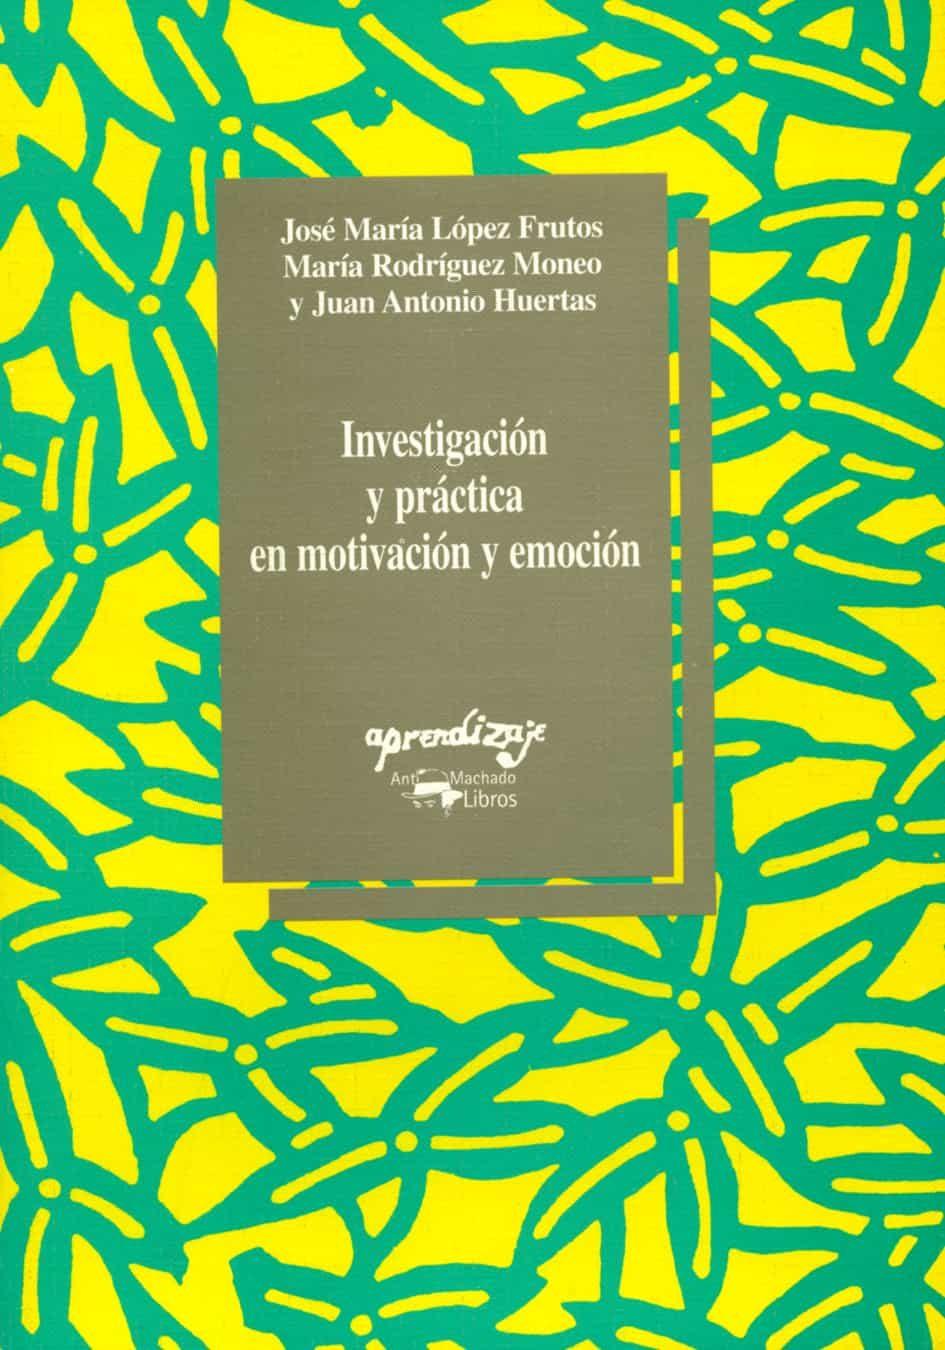 Investigacion Y Practica En Motivacion Y Emocion por Maria Rodriguez Moneo;                                                                                    Juan Antonio Huertas;                                                                                    Jose Maria Lopez Frutos